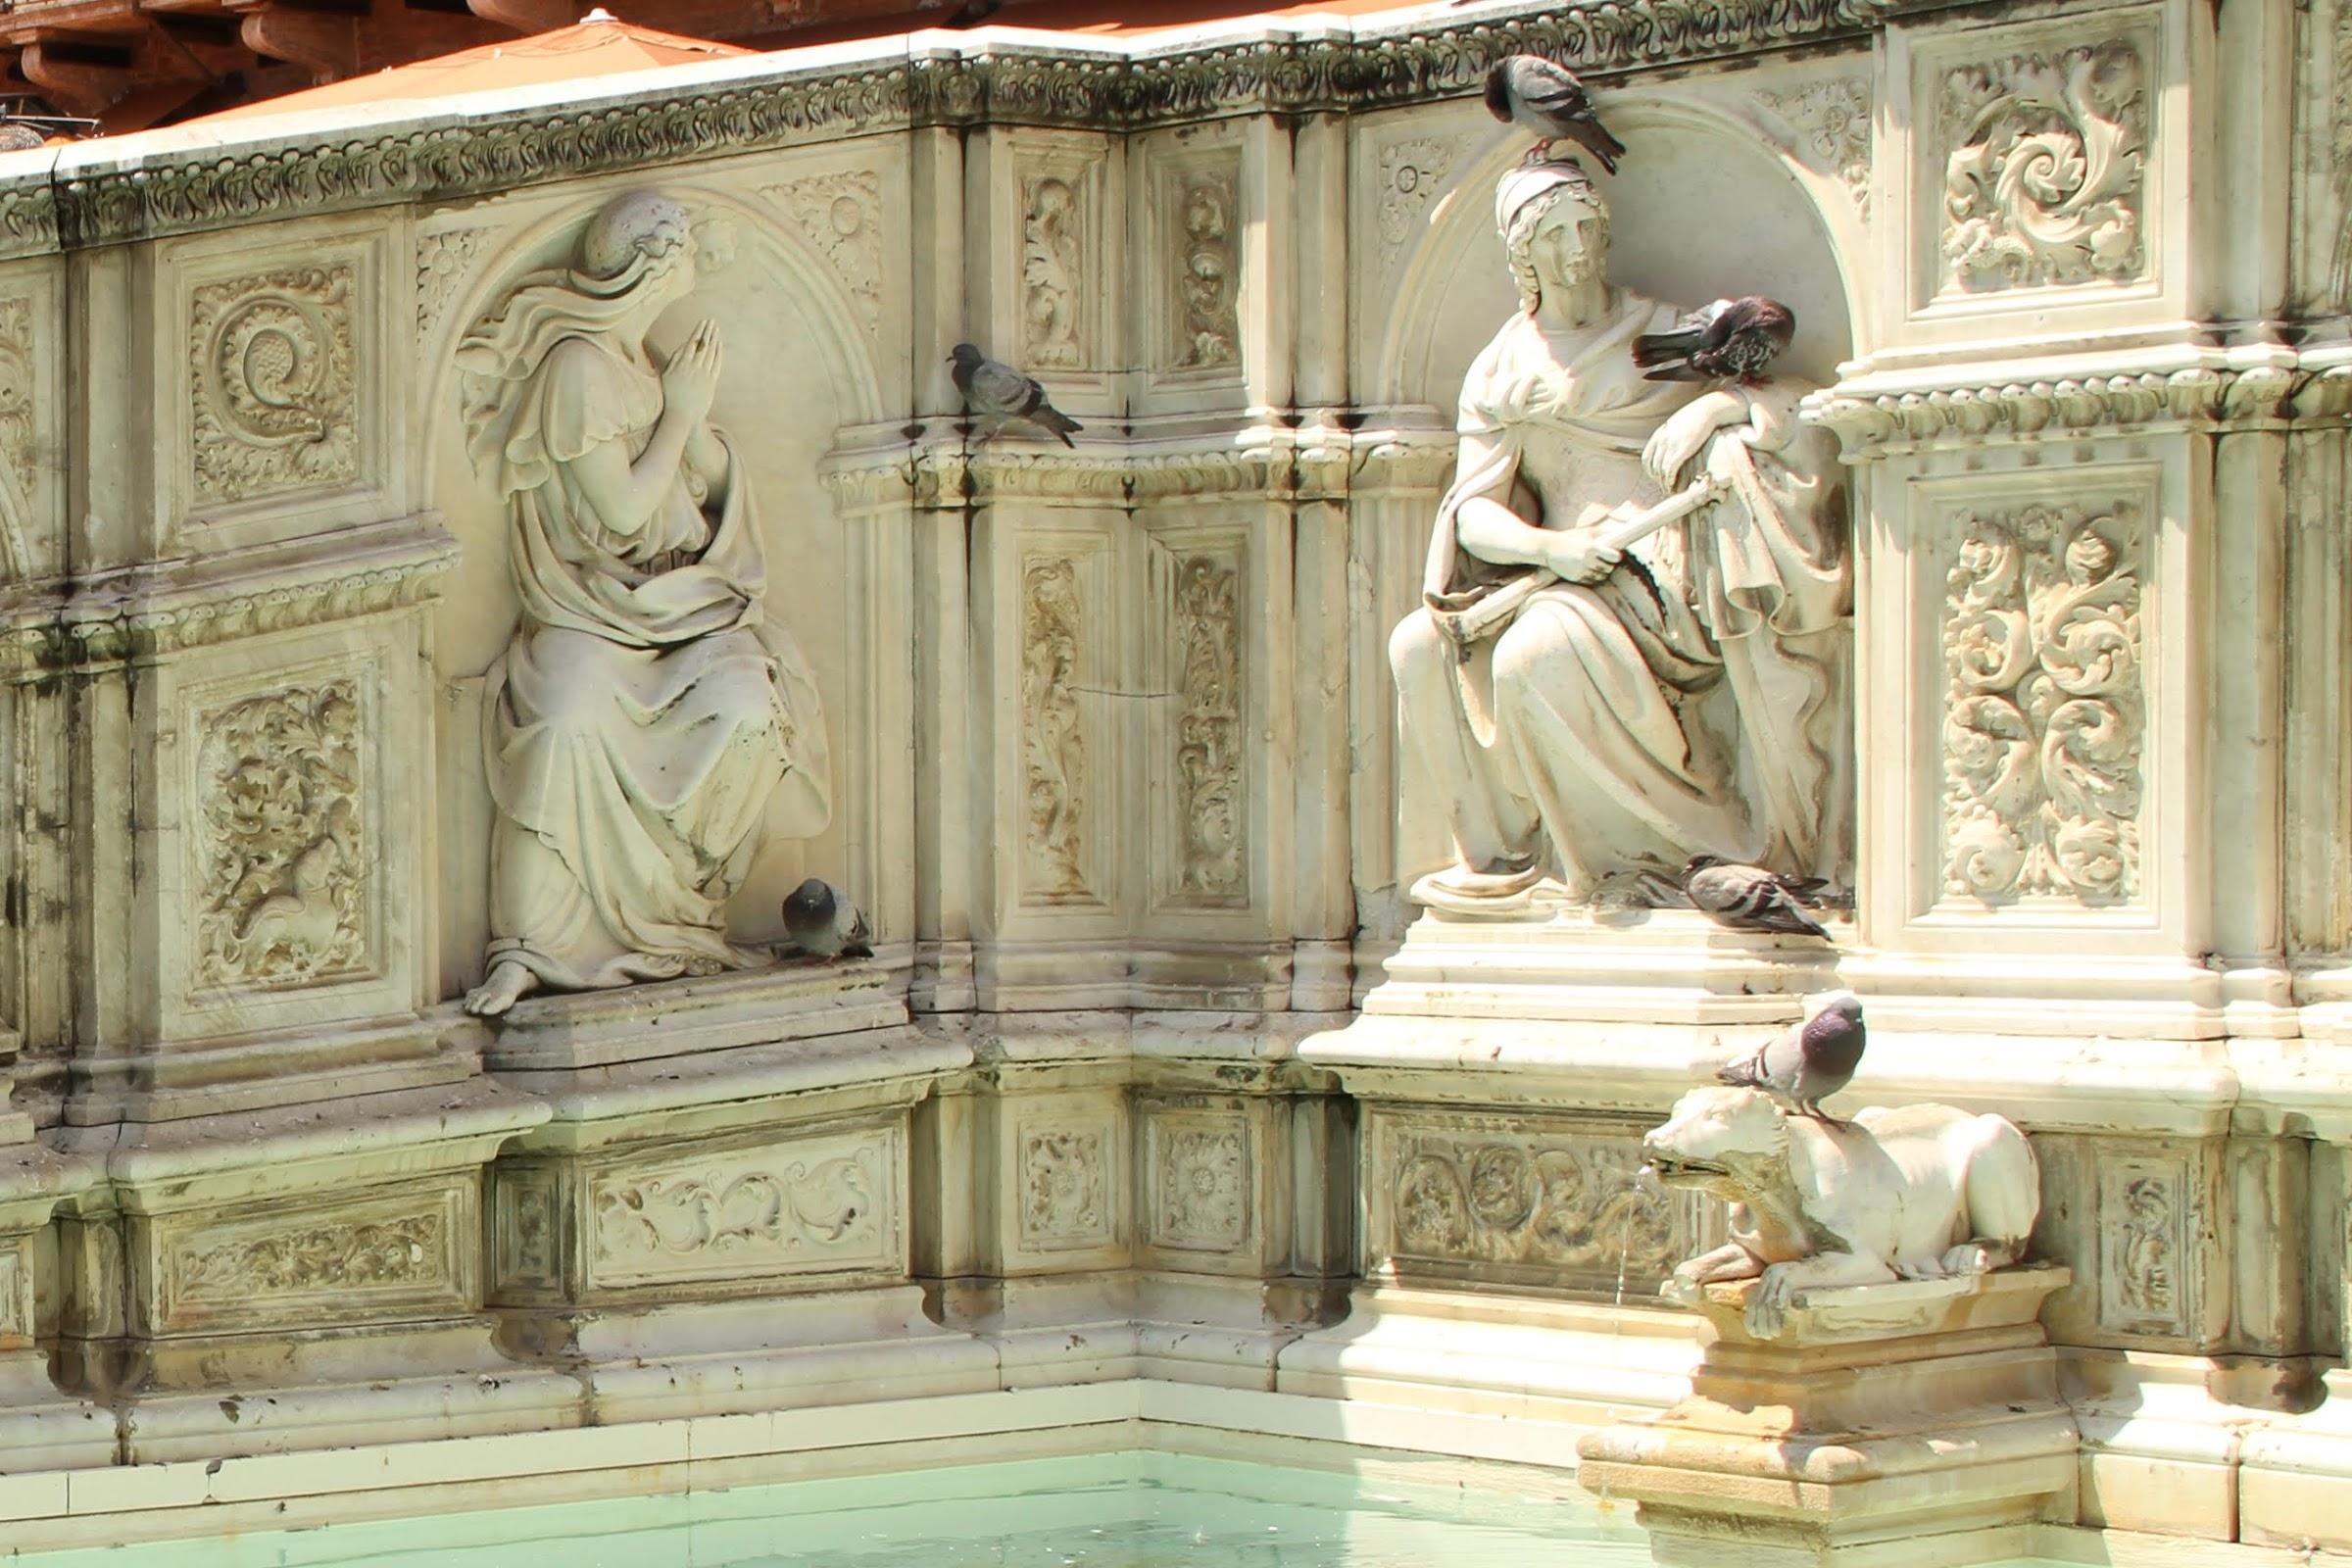 La Speranza, Fonte Gaia, Piazza del Campo